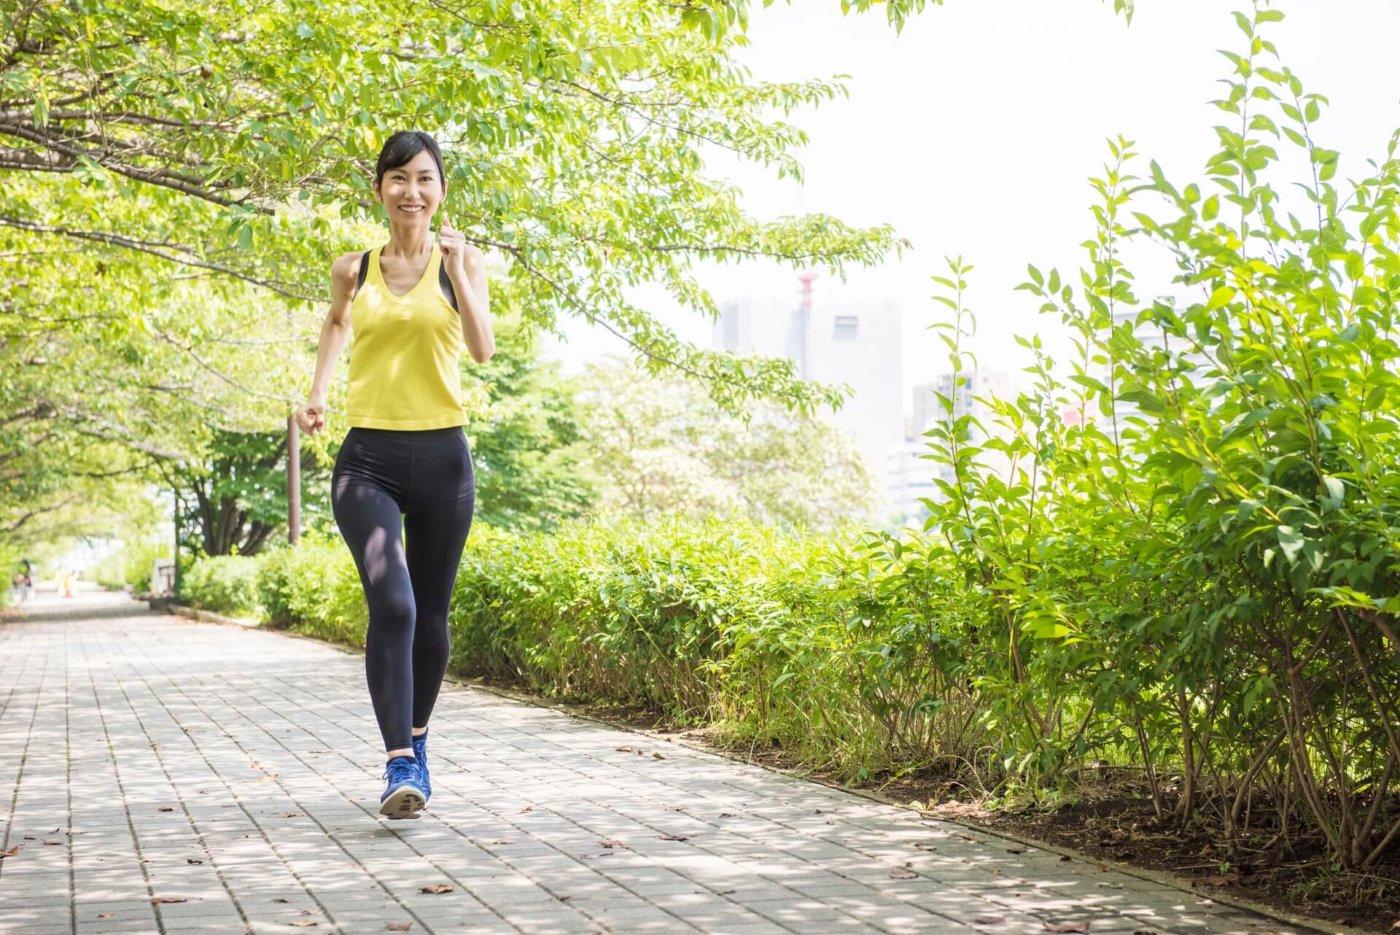 初心者ランナーが目安にするべきランニングの距離と時間 調整さん